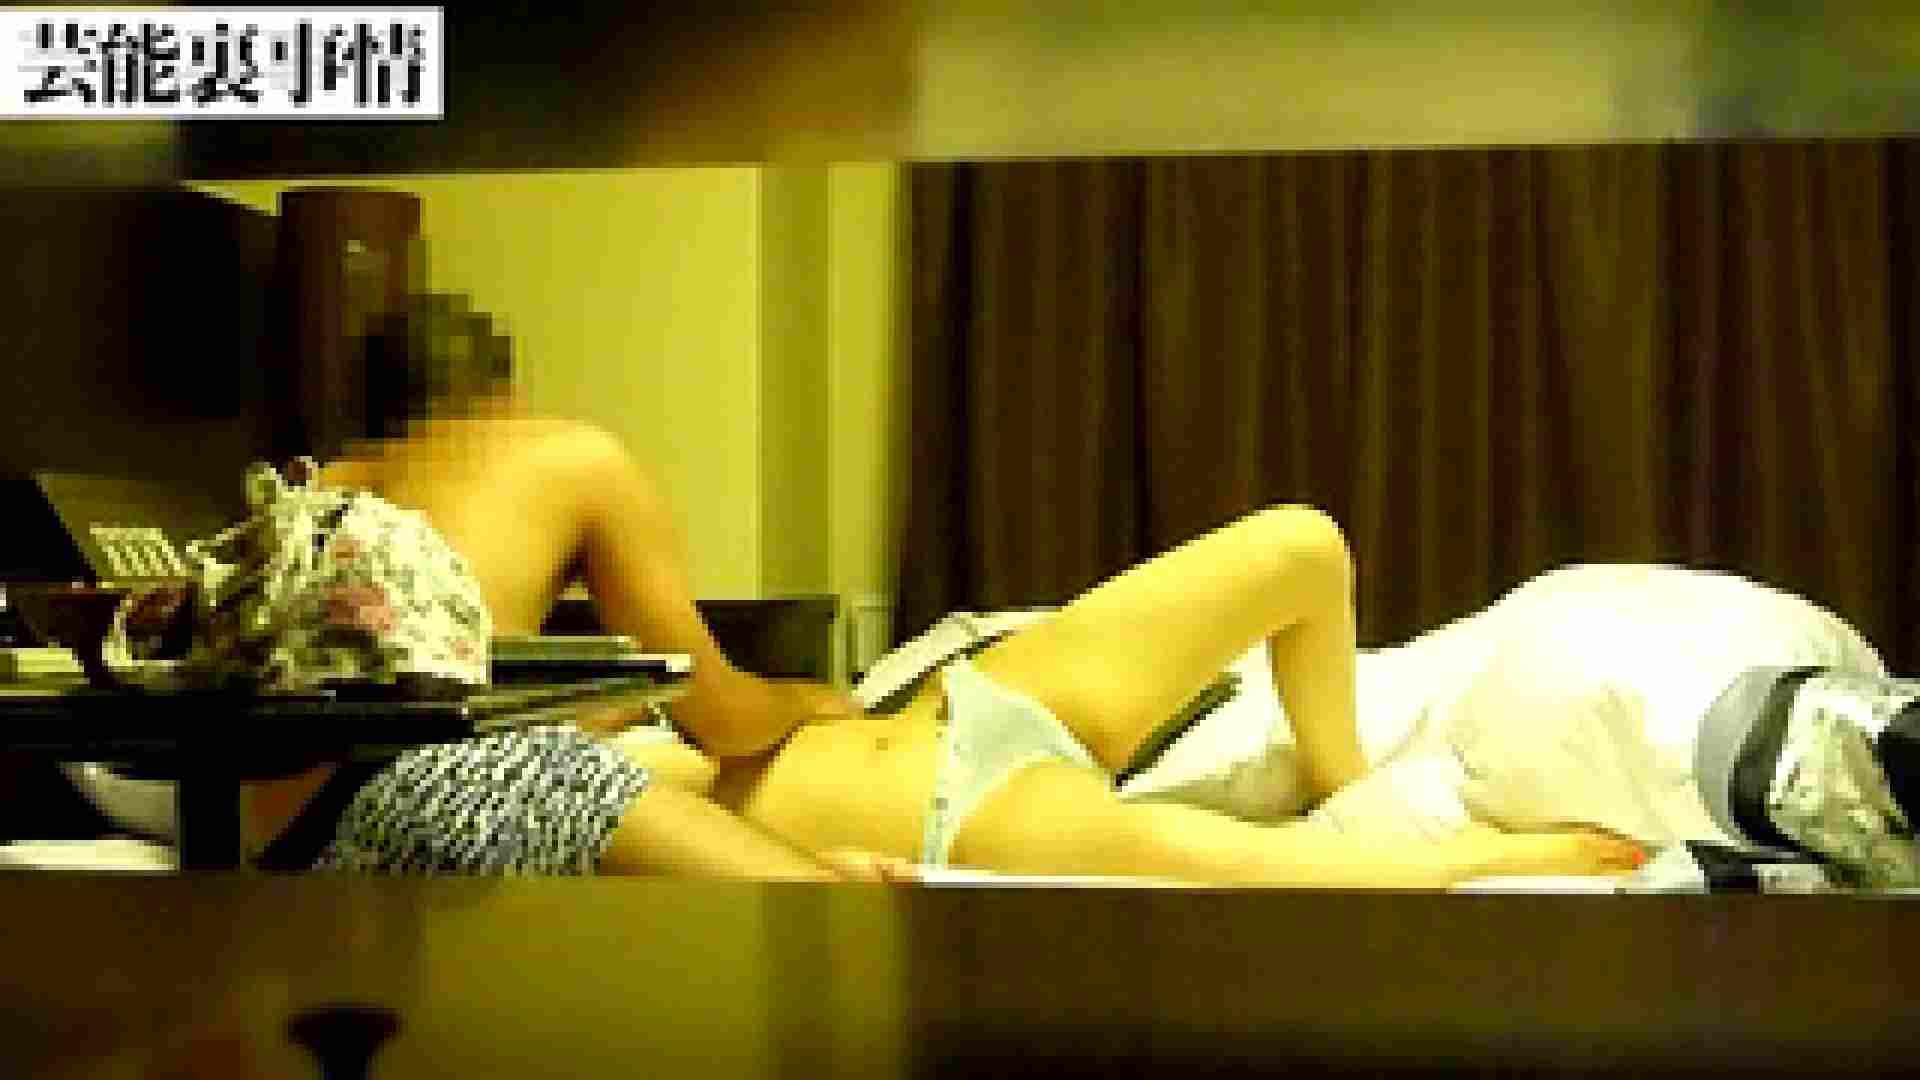 某芸能プロダクションの裏のお仕事14 韓流版 | モデル  112画像 47